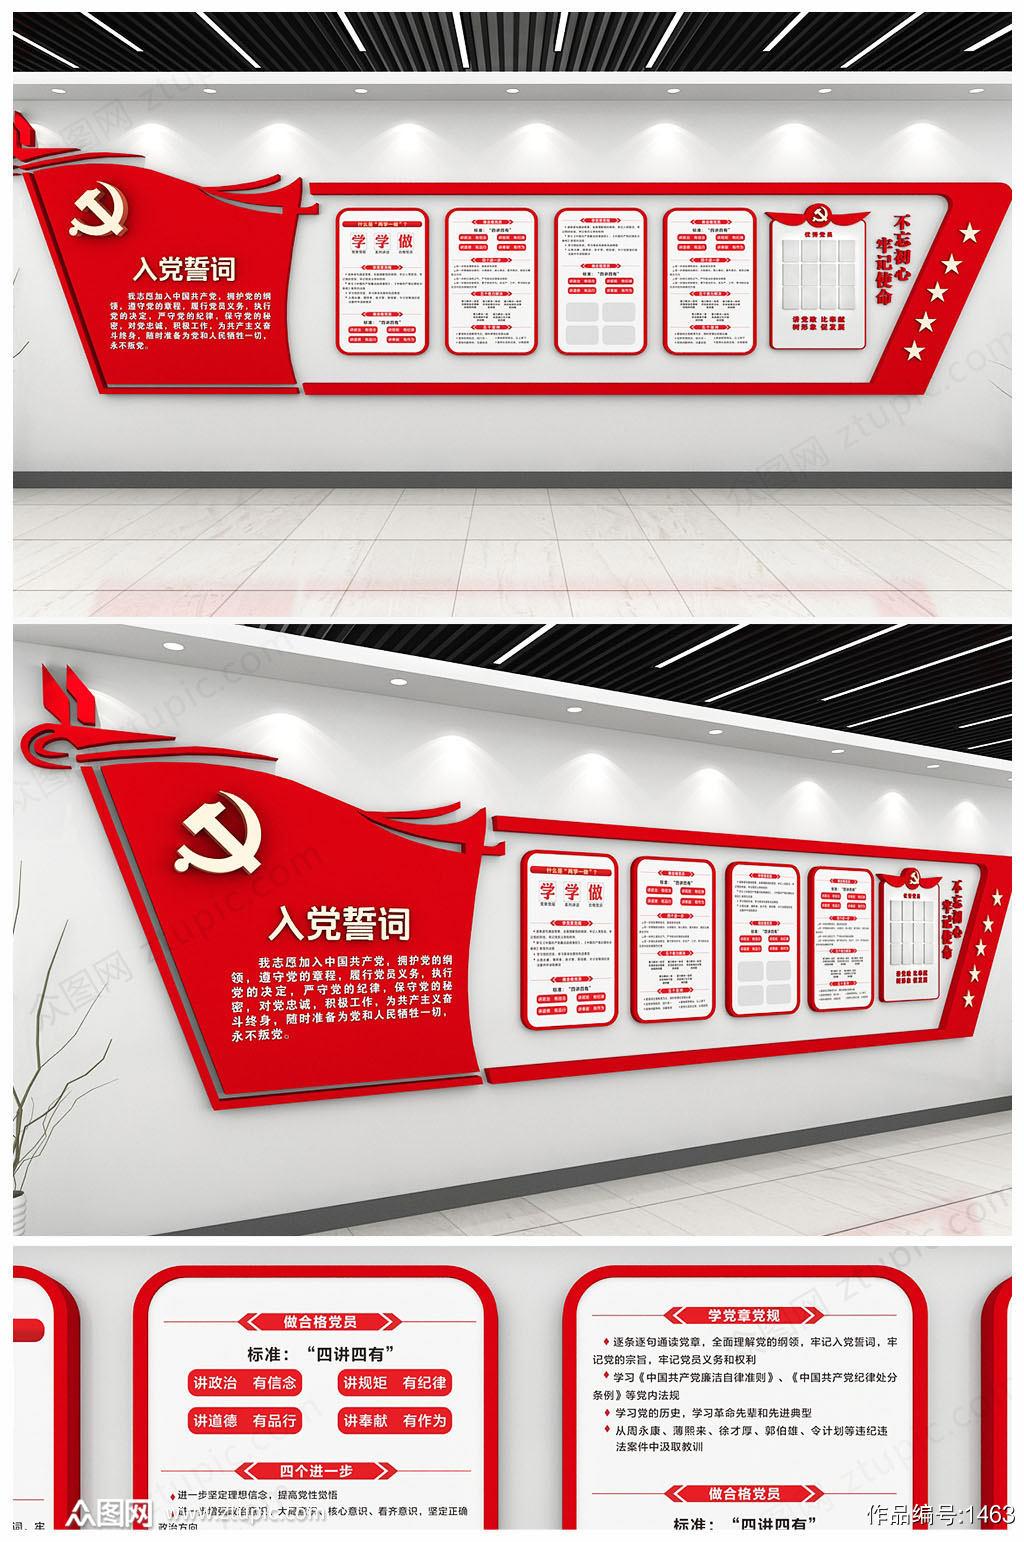 原创红色大气党建文化墙党建形象墙素材